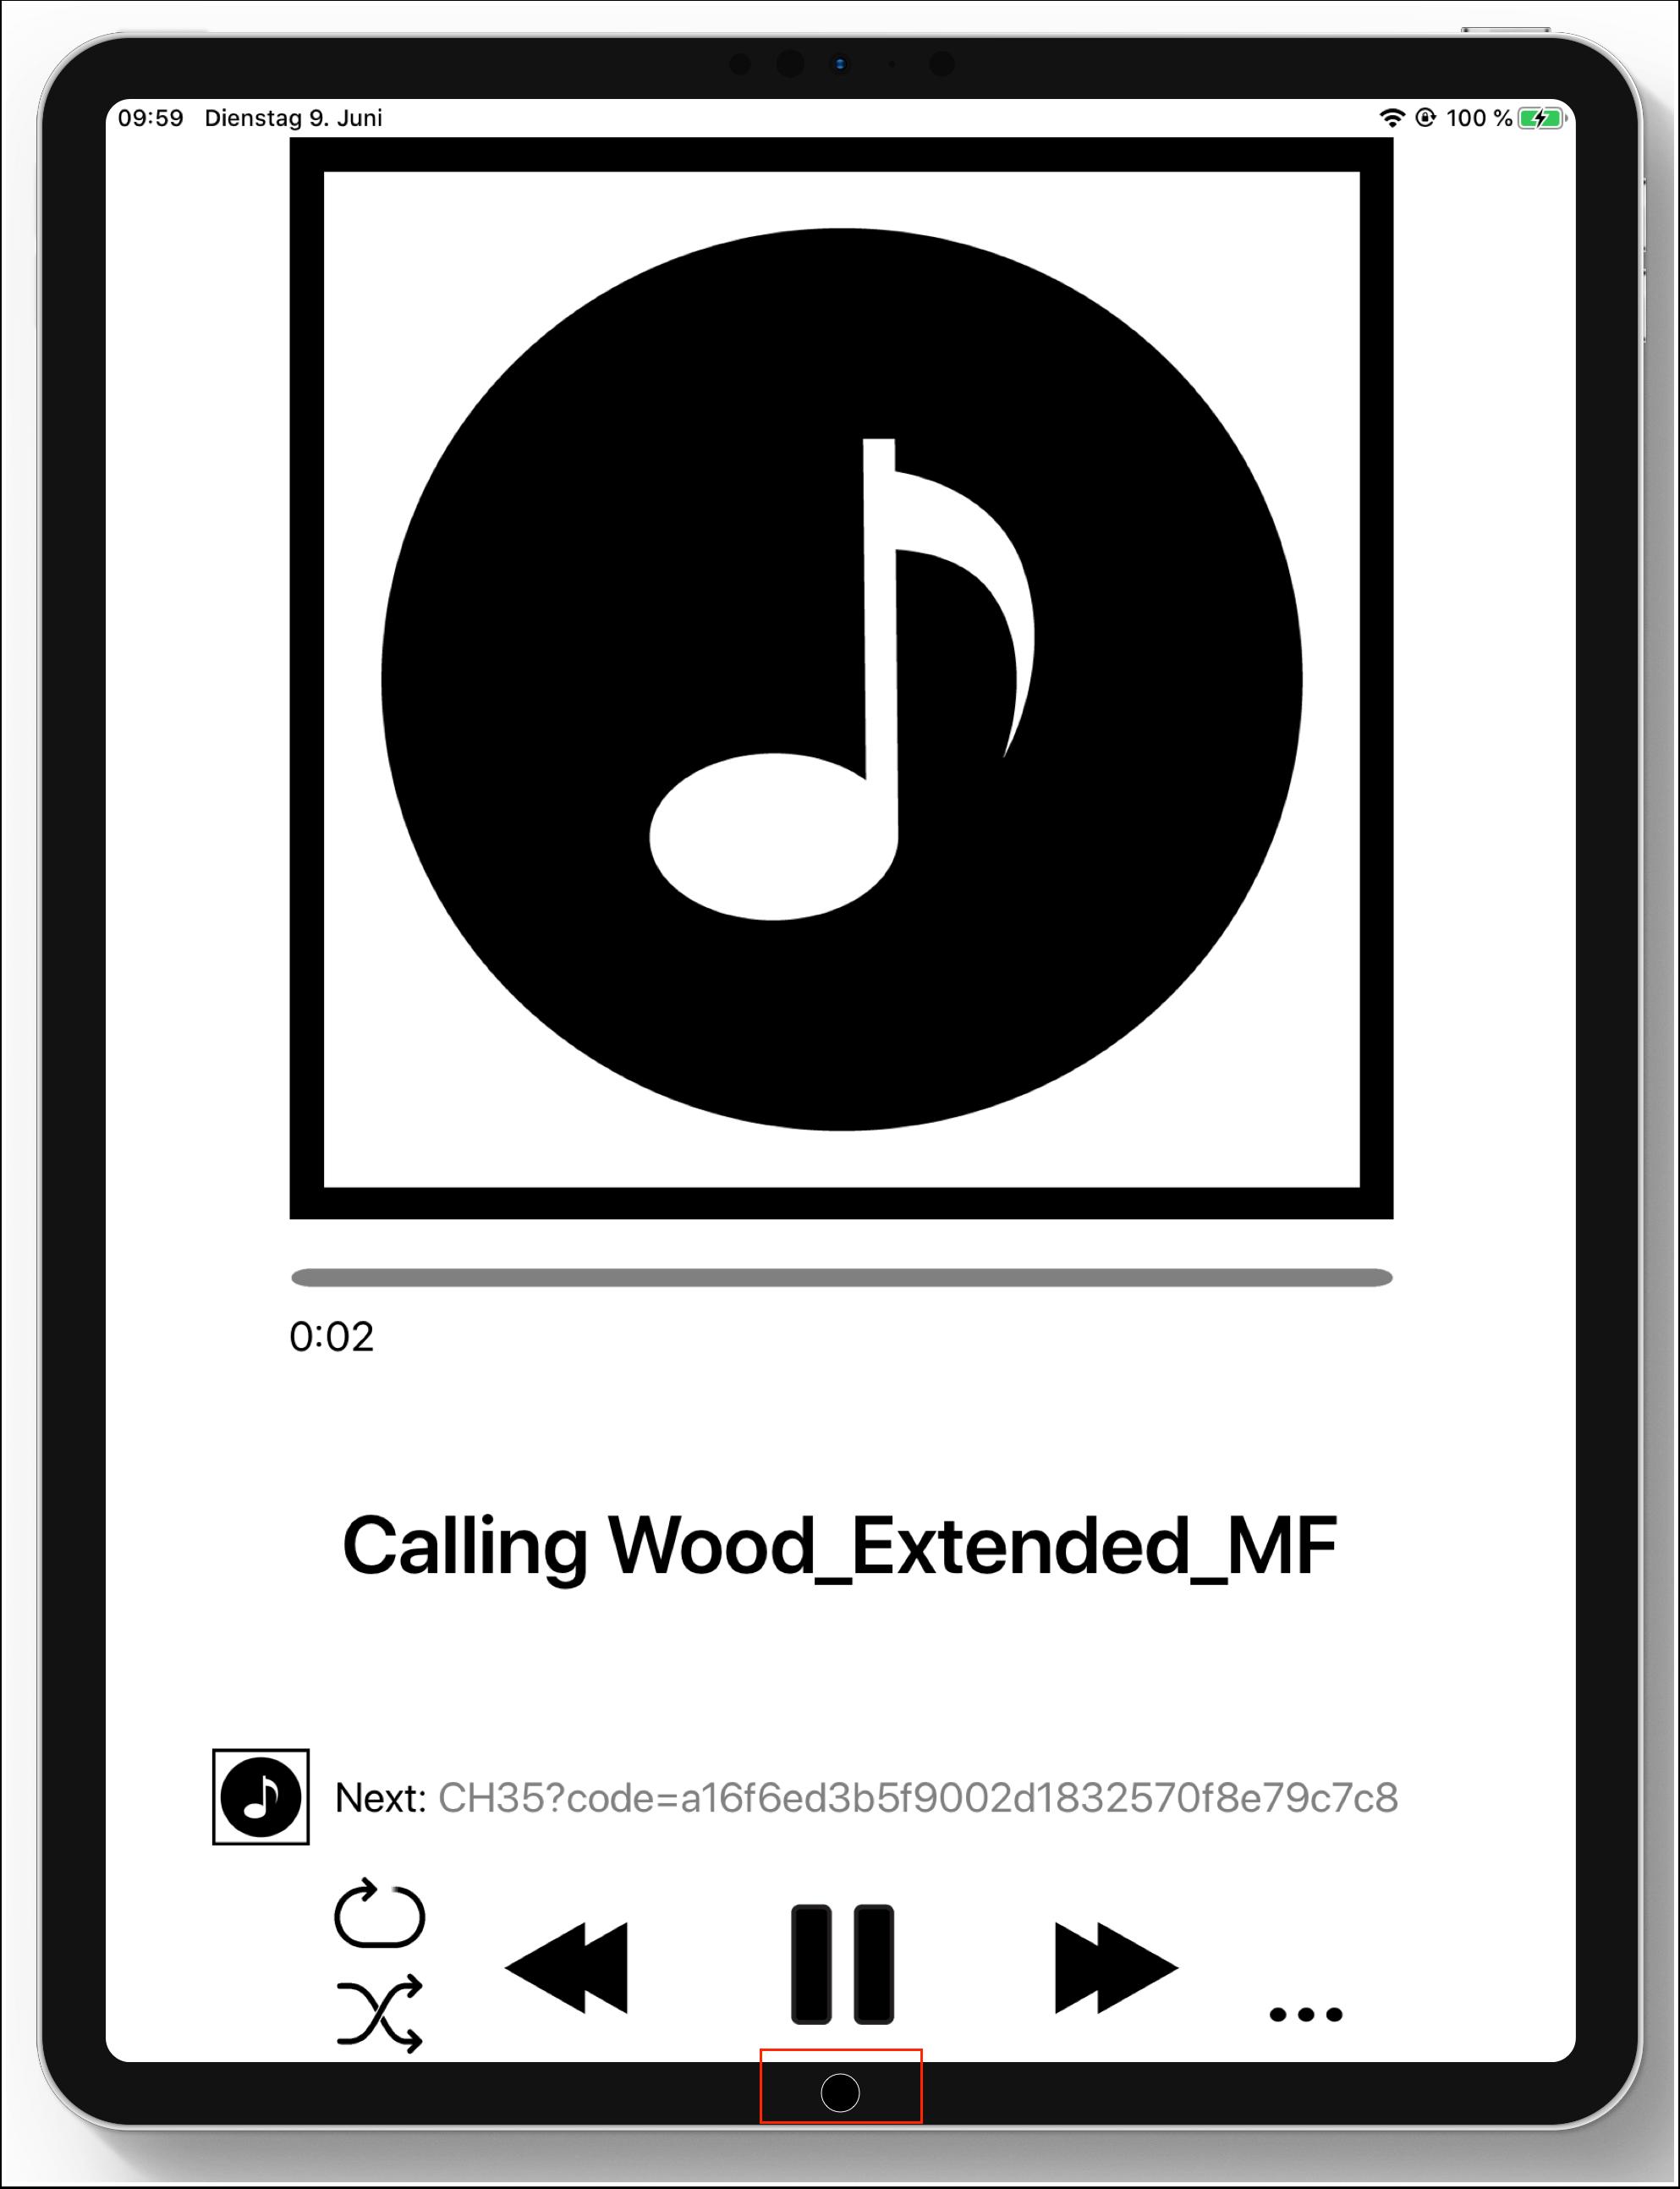 foobar spielt die musik auch in hintergrund ab 1